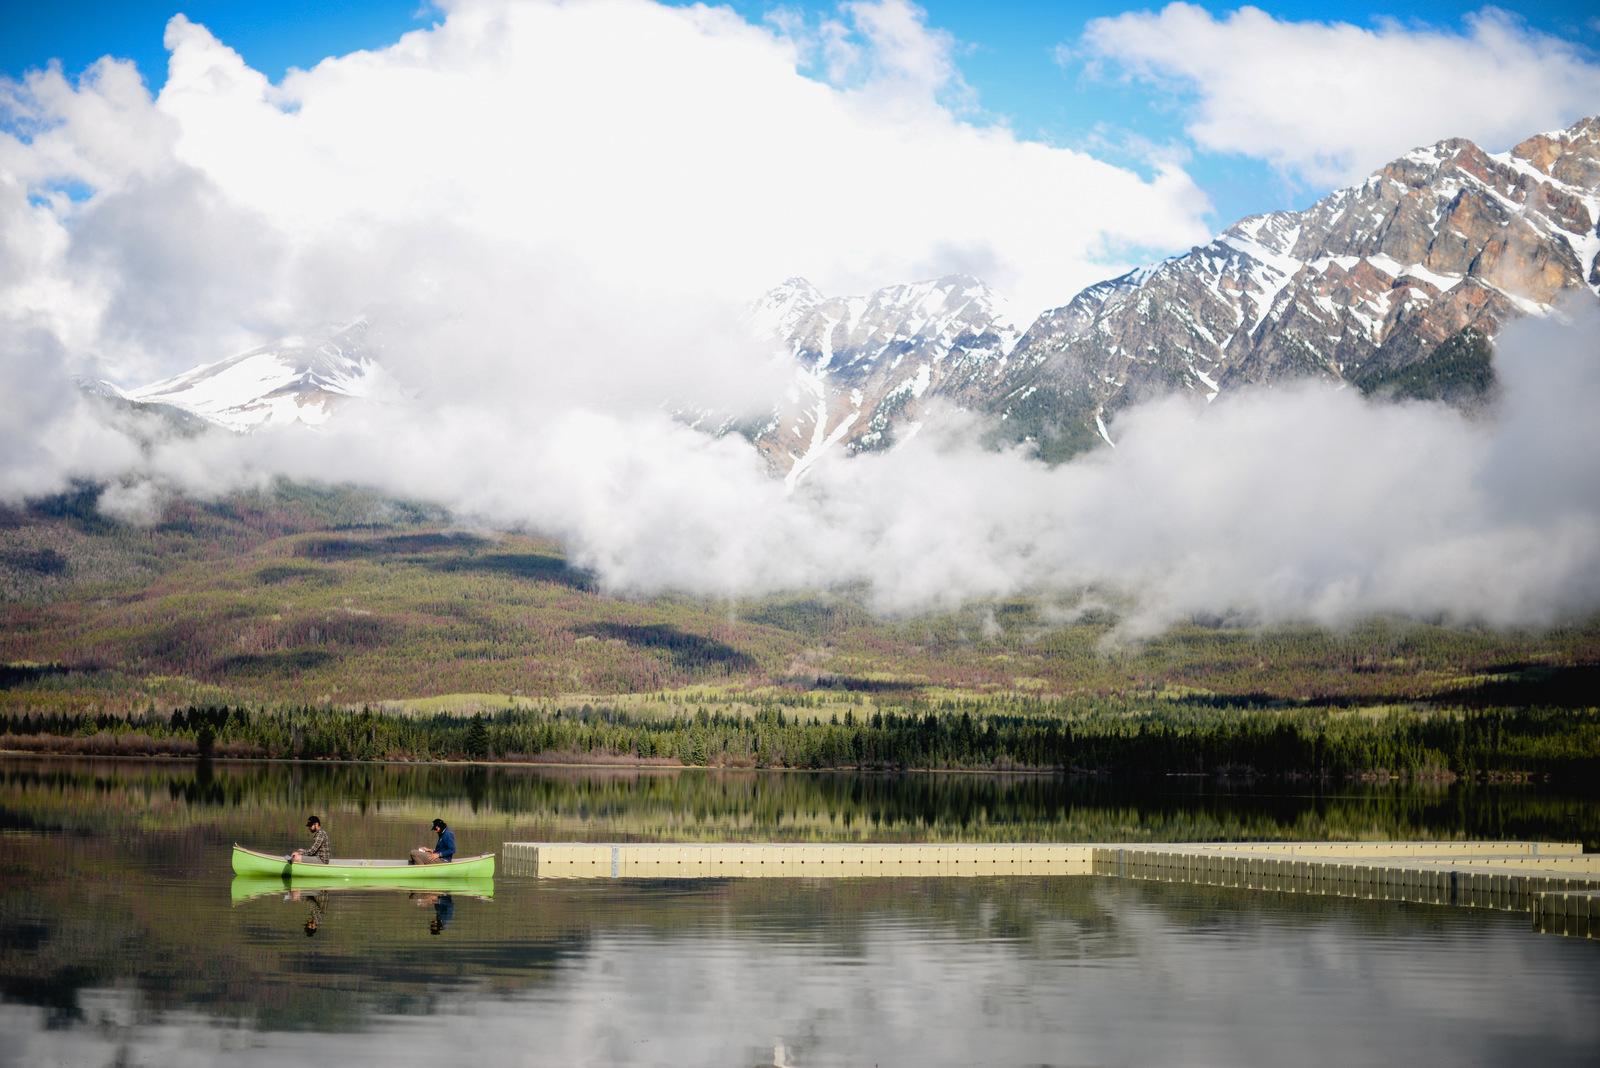 Pyramid Lake and green canoe